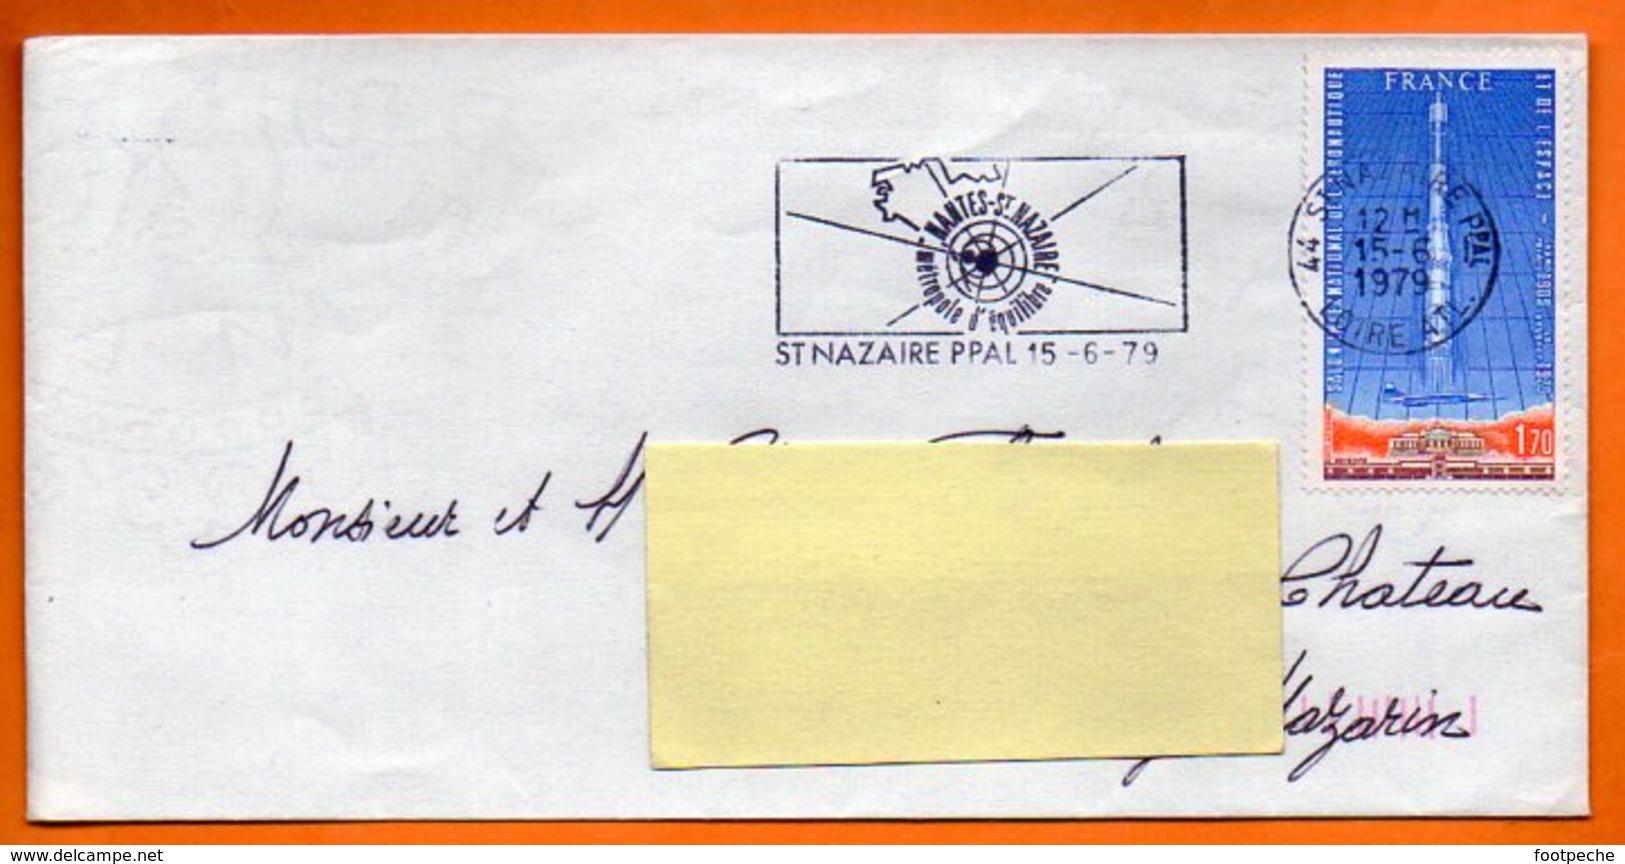 MAURY  N° Aer 52  AERONAUTIQUE  44 SAINT NAZAIRE 1979  Lettre Entière N° OO 634 - Marcophilie (Lettres)